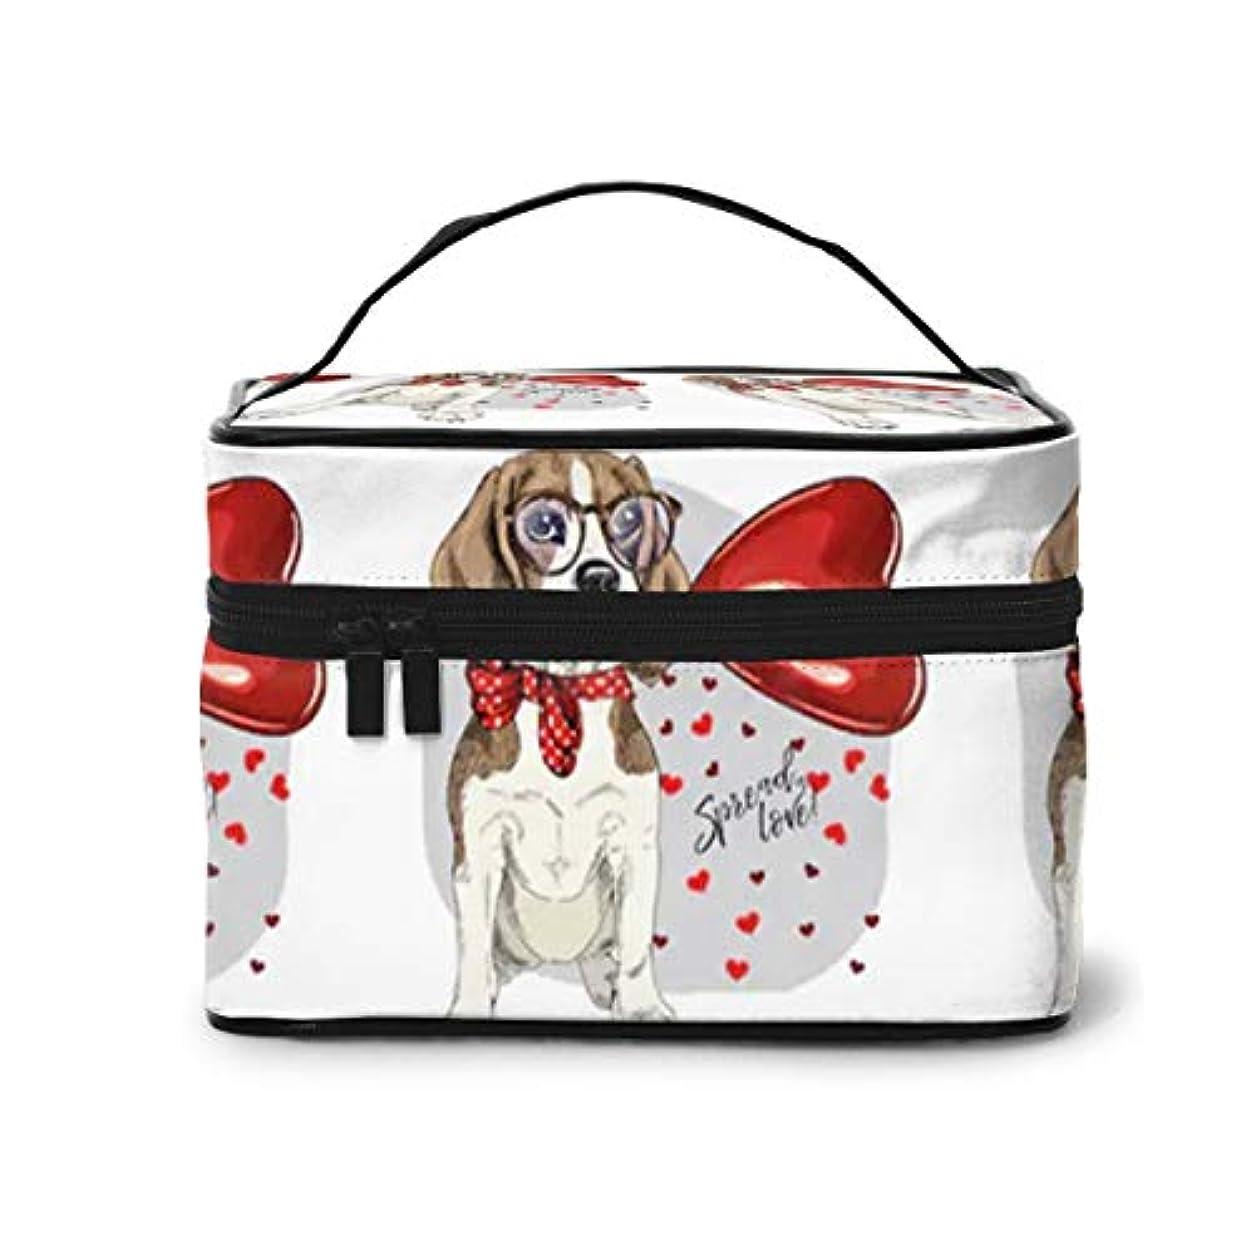 ジュラシックパークマラウイ強調Sharing Life ビーグル 犬 ラブ メイクボックス 化粧ポーチ メイクブラシバッグ トラベルポーチ 化粧品収納ケース 機能的 大容量 かわいい 小物整理 収納